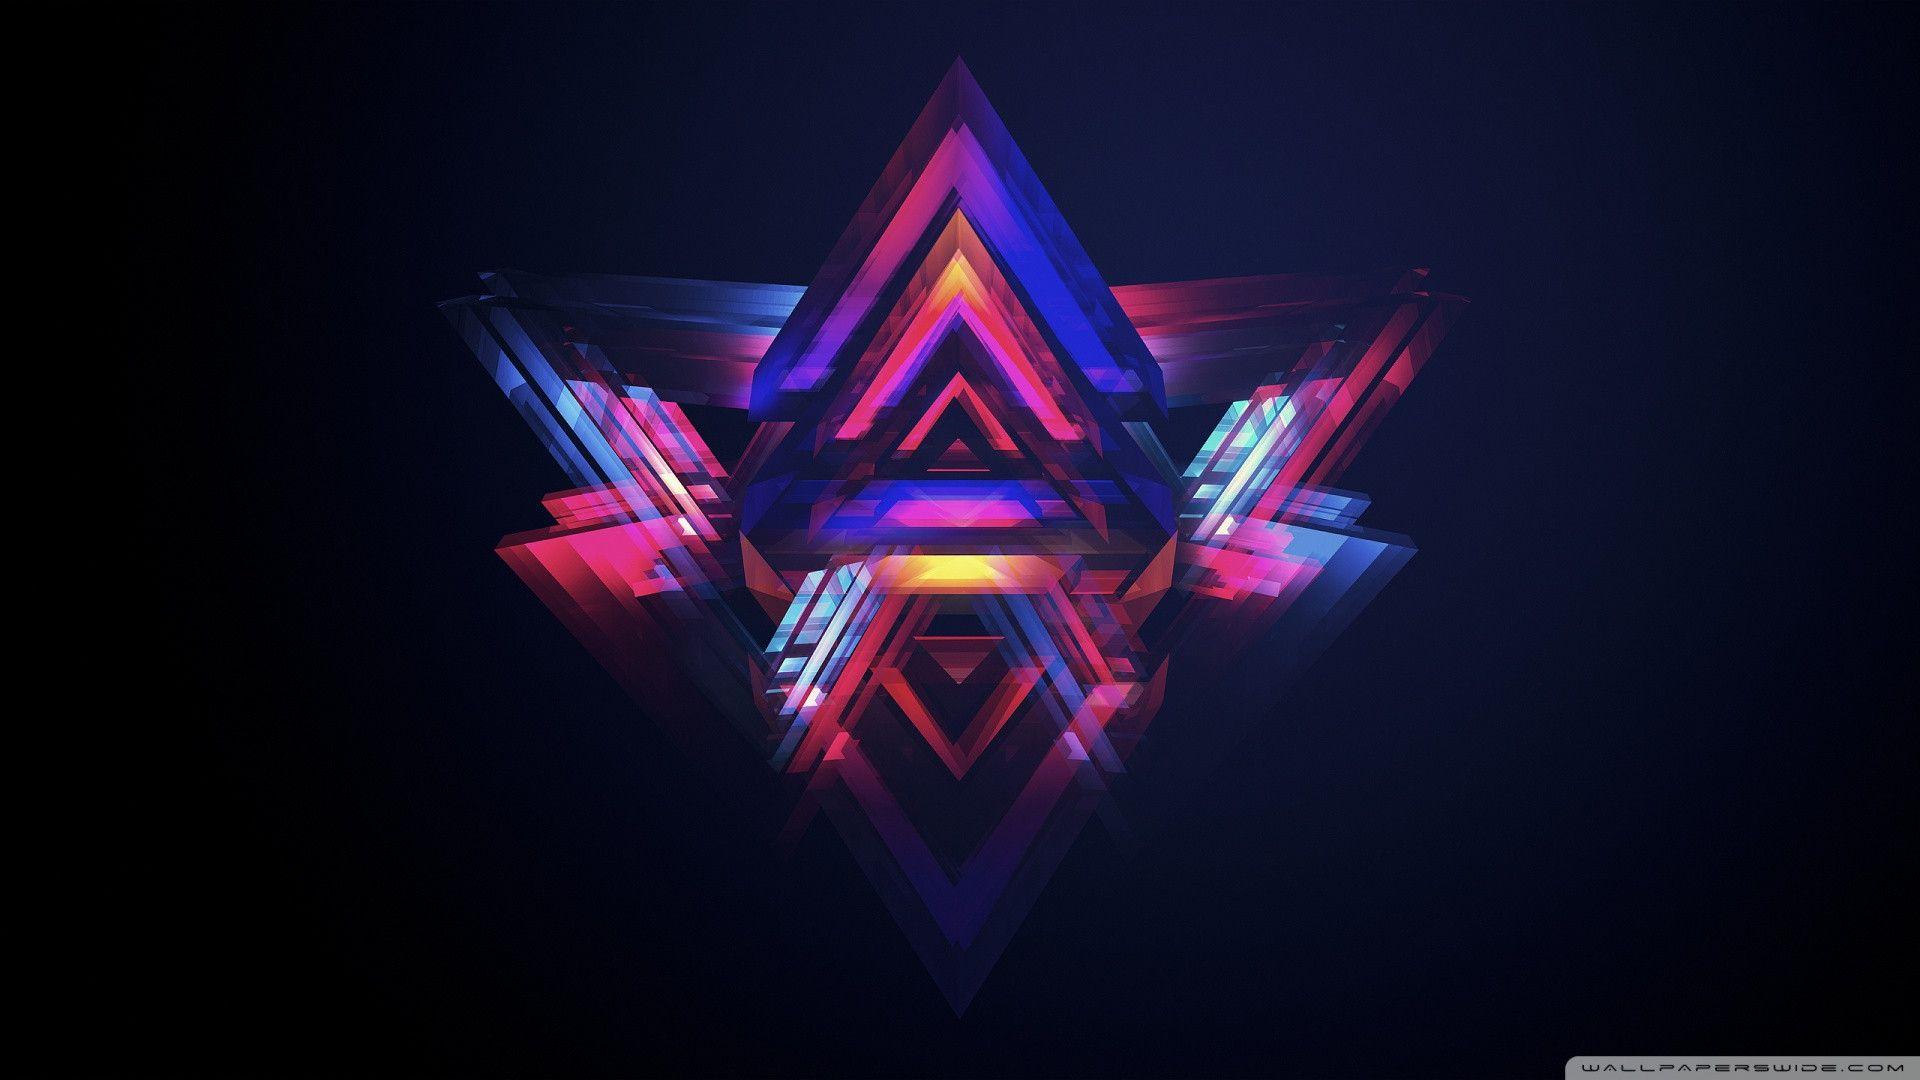 Outer Space Desktop Wallpaper - WallpaperSafari